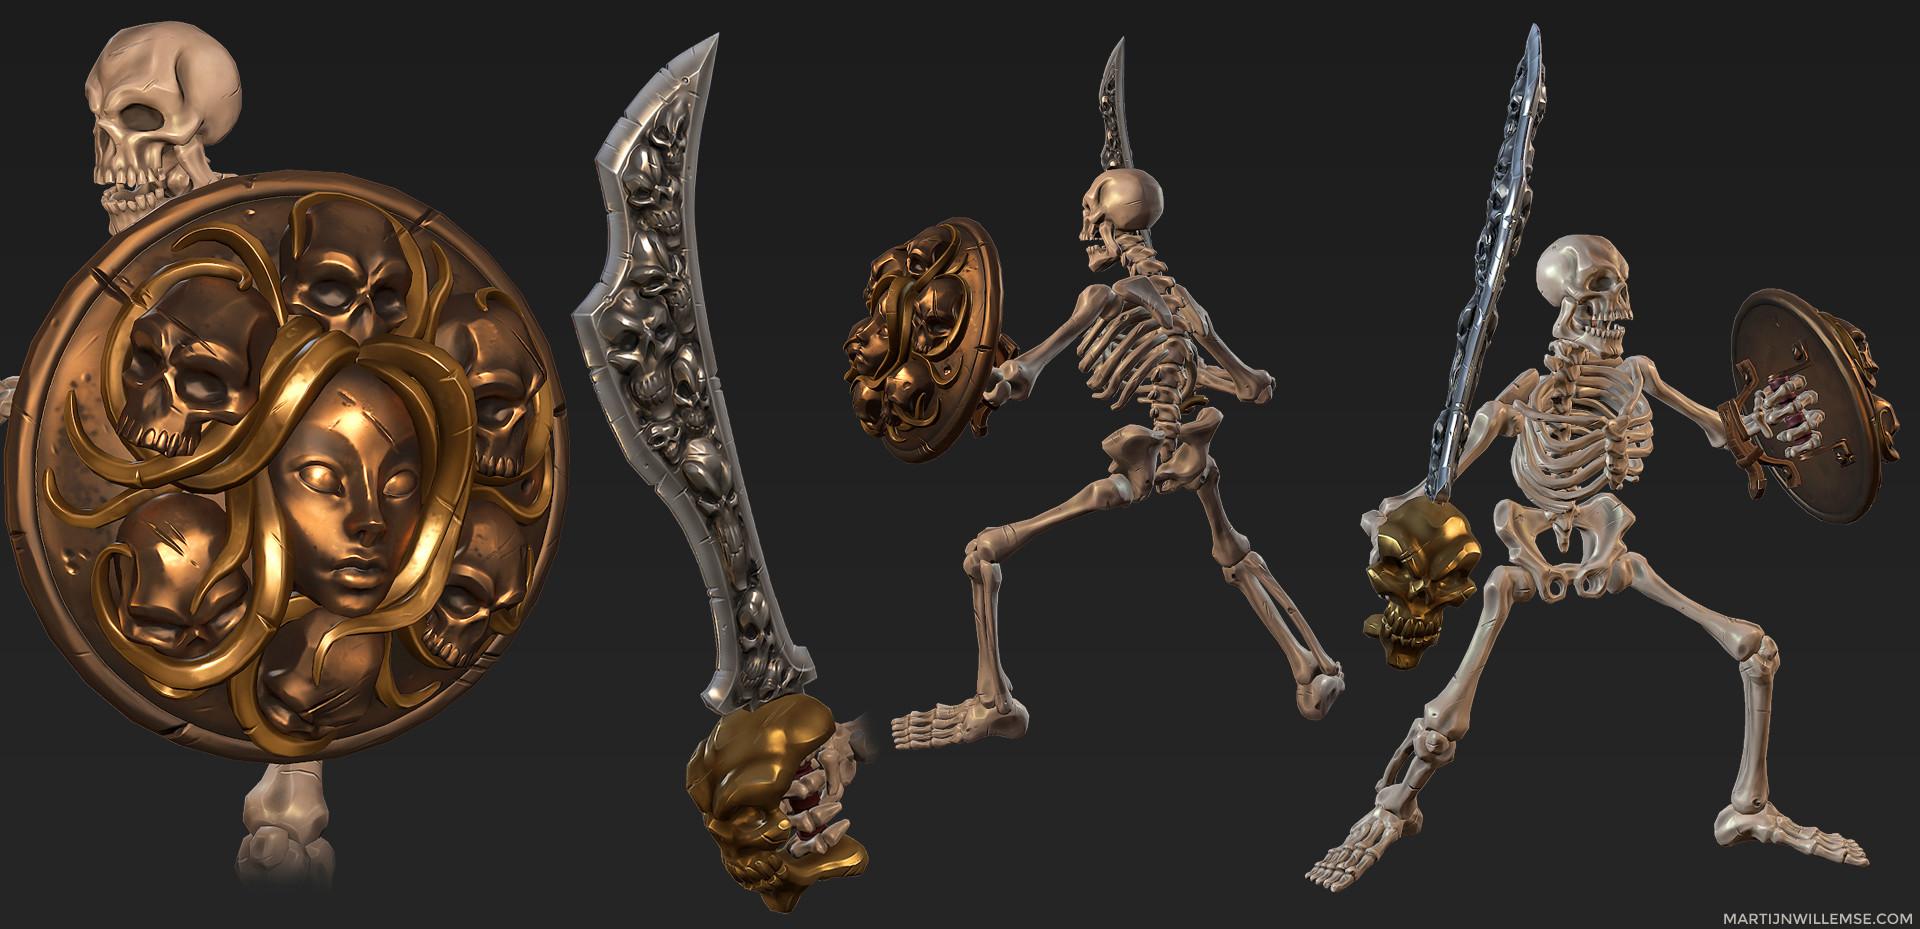 Martijn willemse skeleton 02